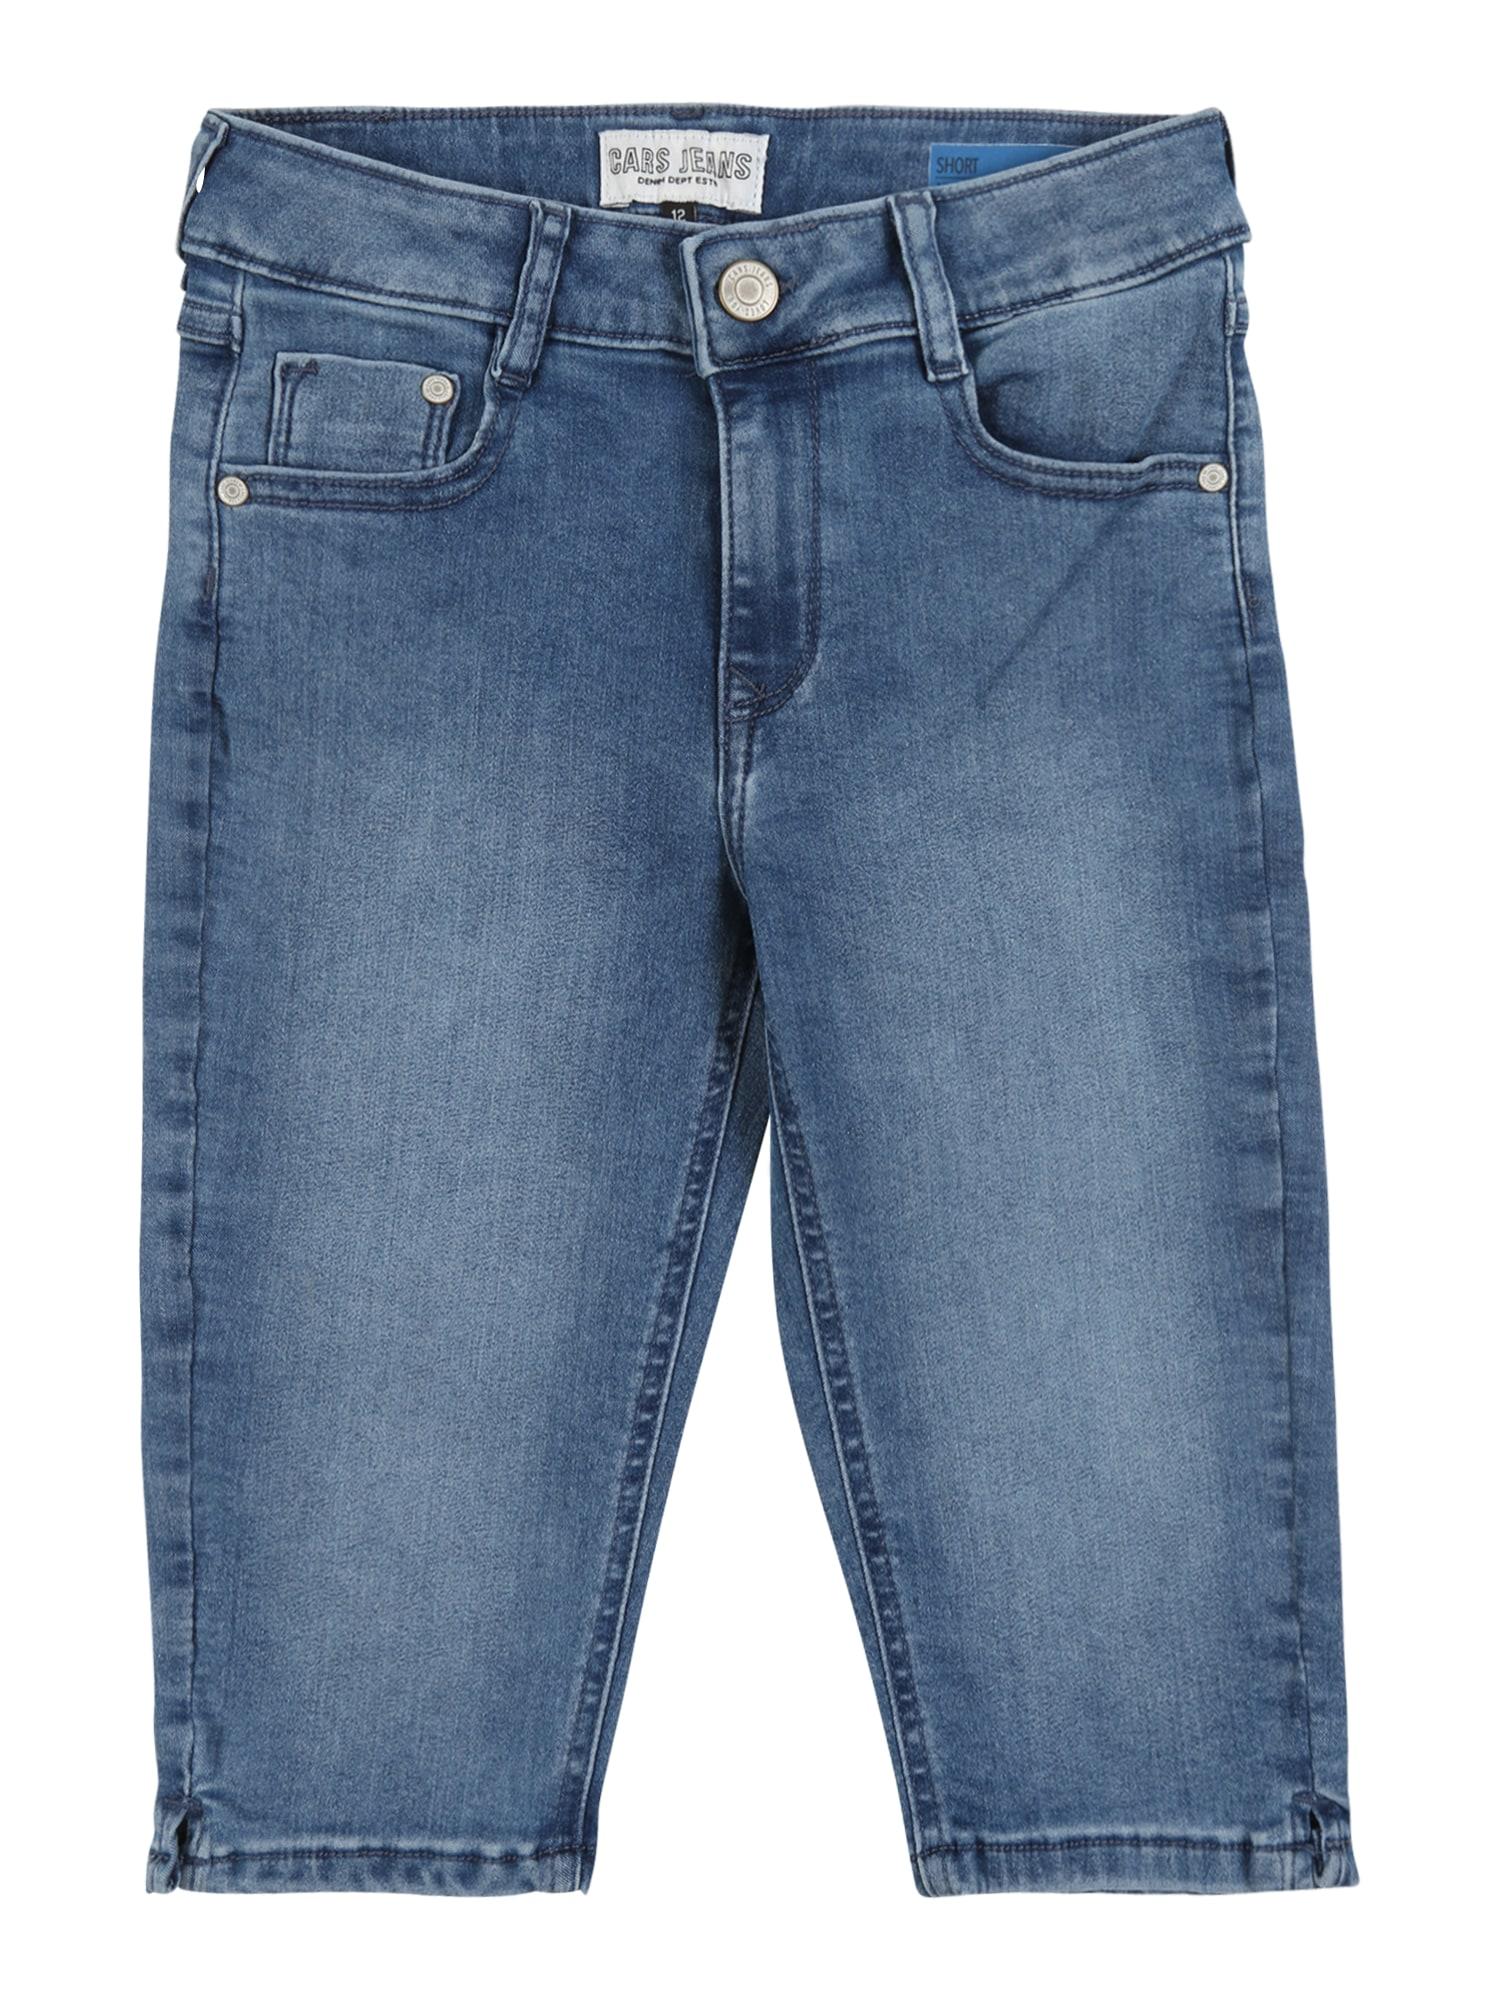 Cars Jeans Džinsai 'KIDS NITA' tamsiai (džinso) mėlyna